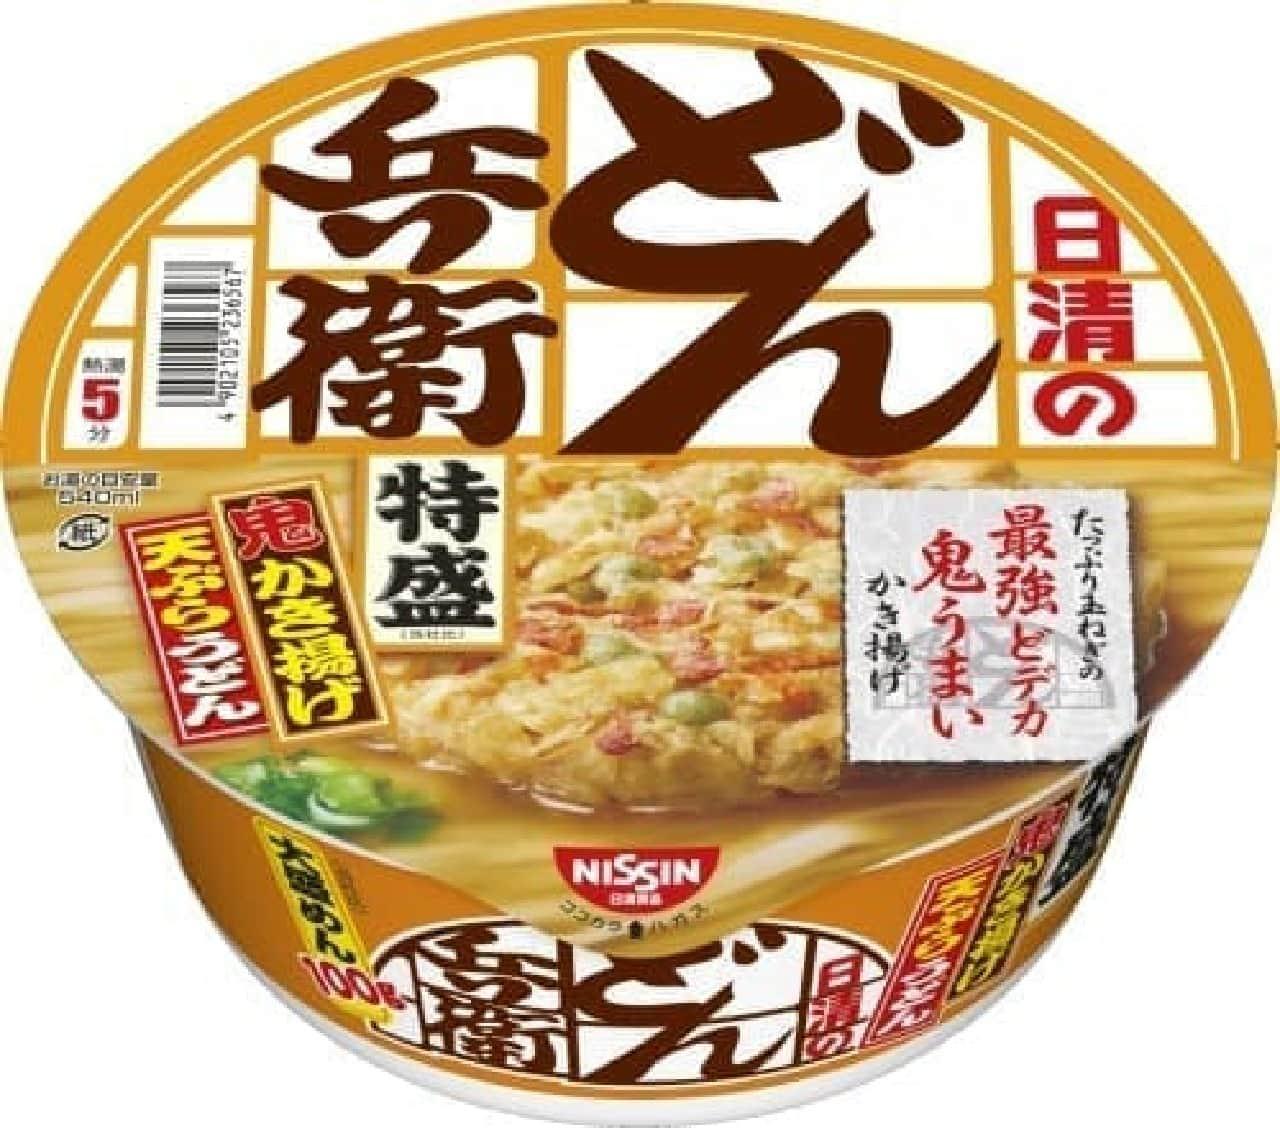 日清食品「日清のどん兵衛 特盛かき揚げ天ぷらうどん」